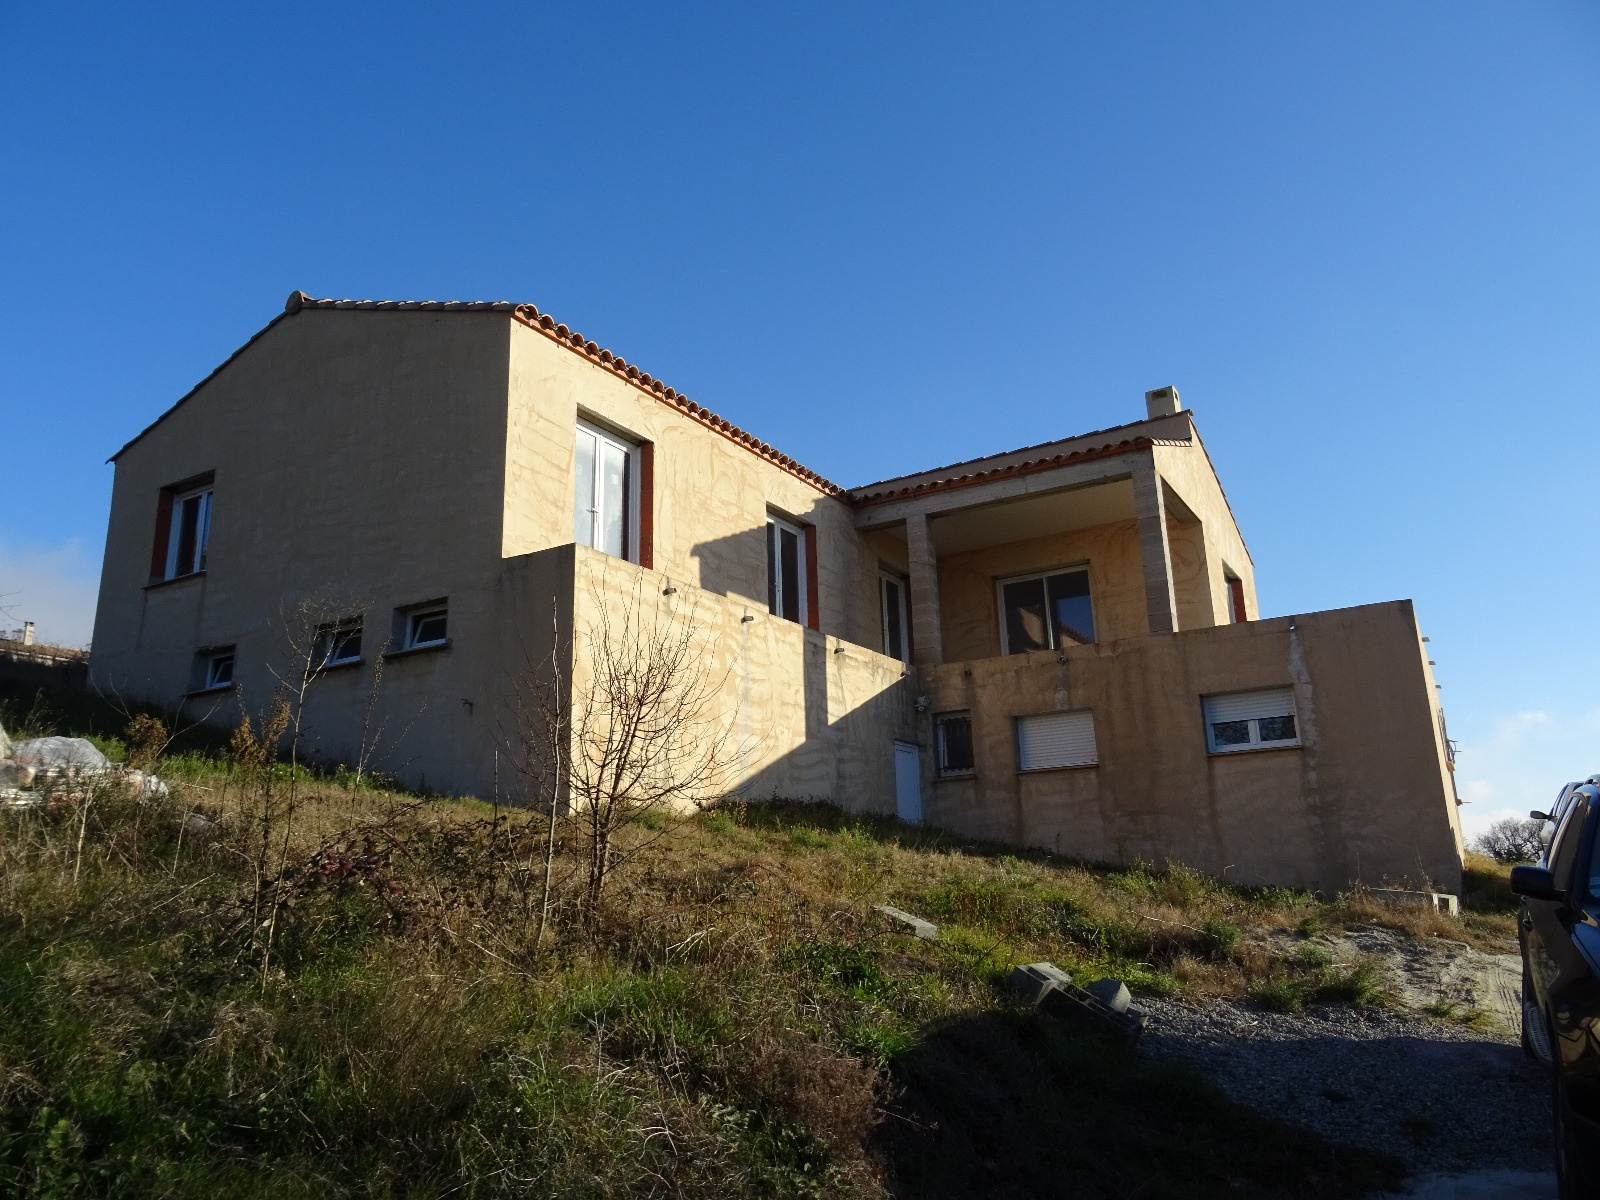 Maison ossature bois hors d eau hors d air for Construire une maison hors d eau hors d air